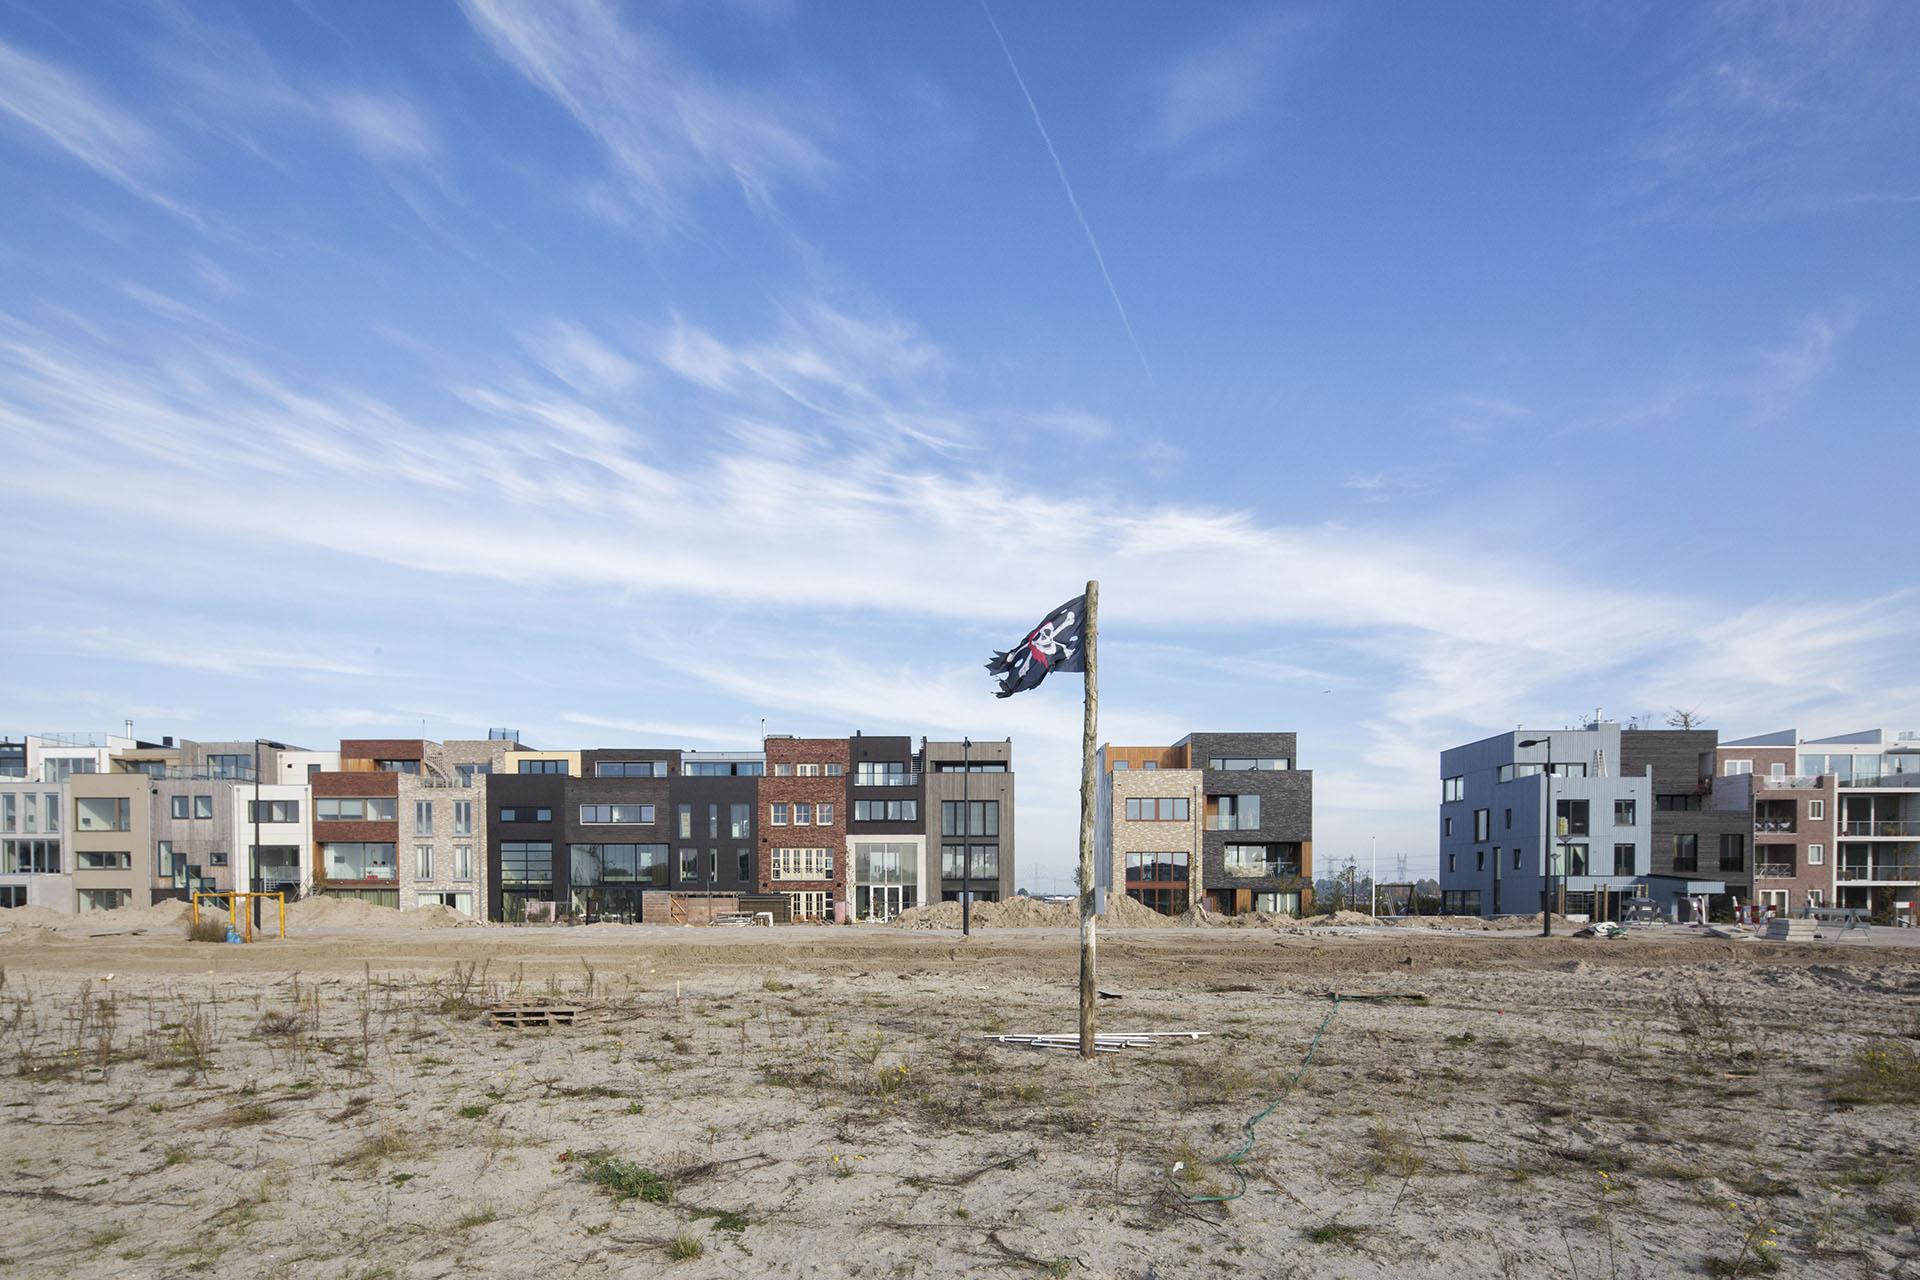 05-marc-koehler-amsterdam-simon-bosch-superlofts-architecture-architectuur- zeeburg